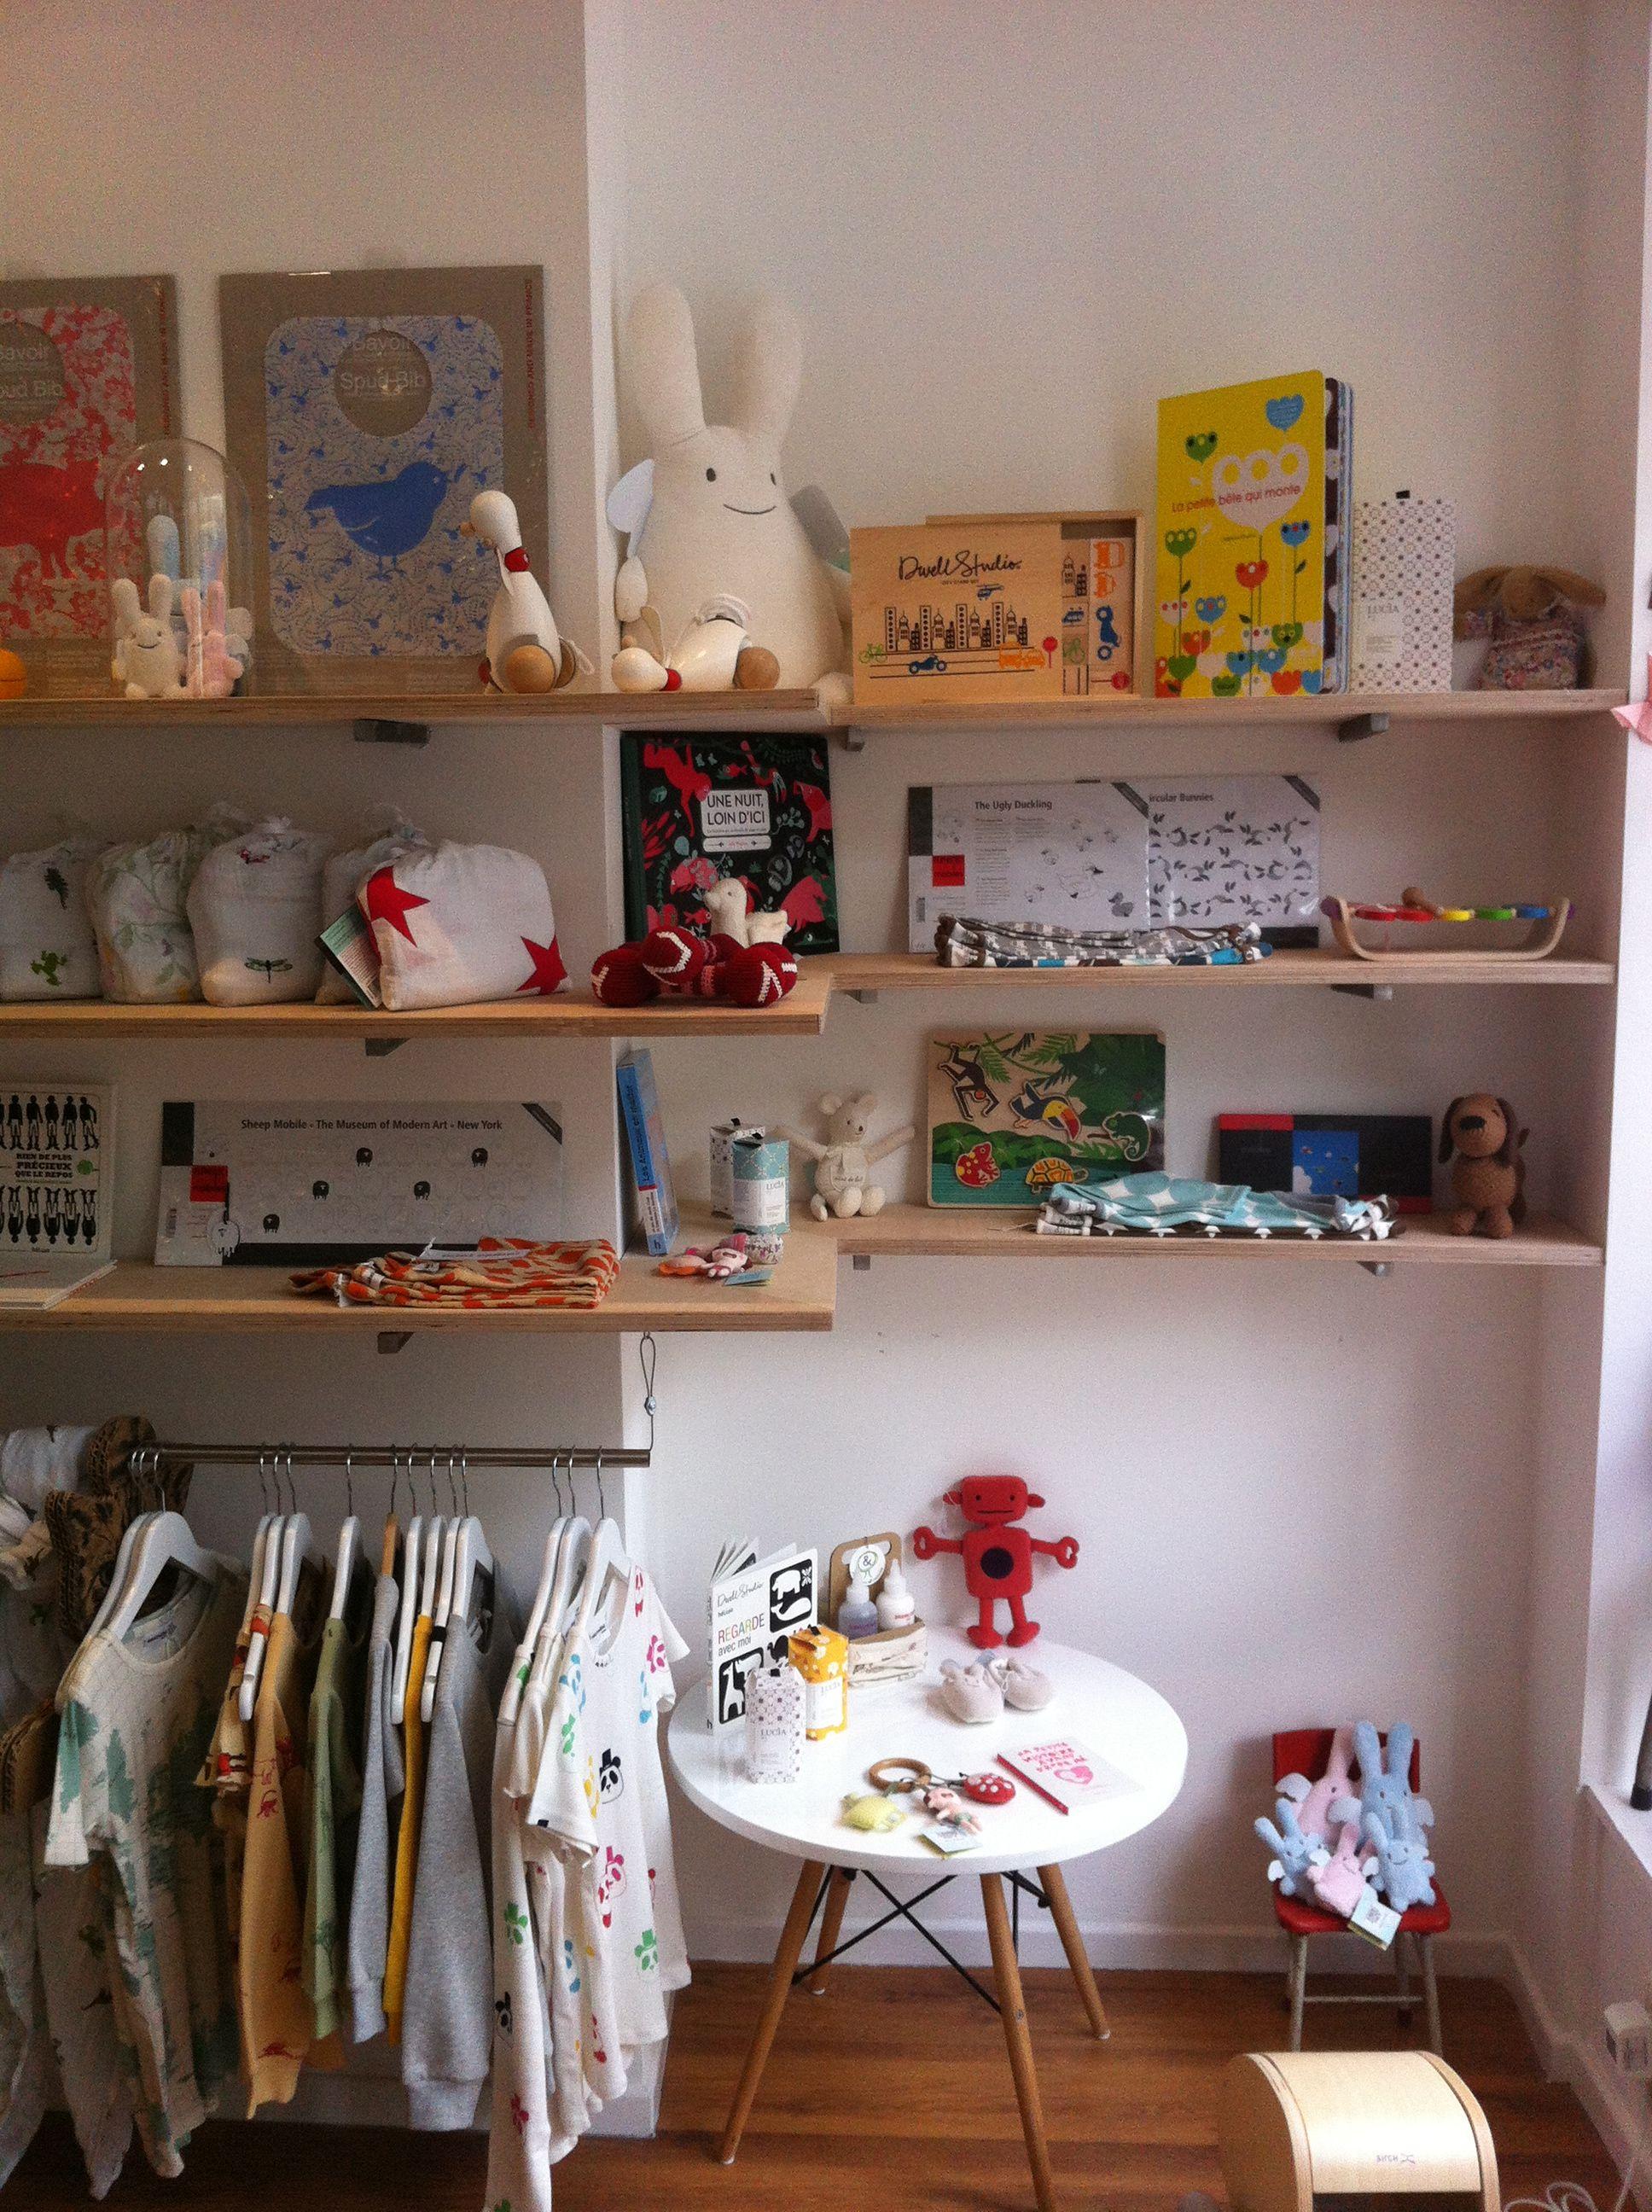 Boutique Piou Piou Bruxelles Belgique Slection fine